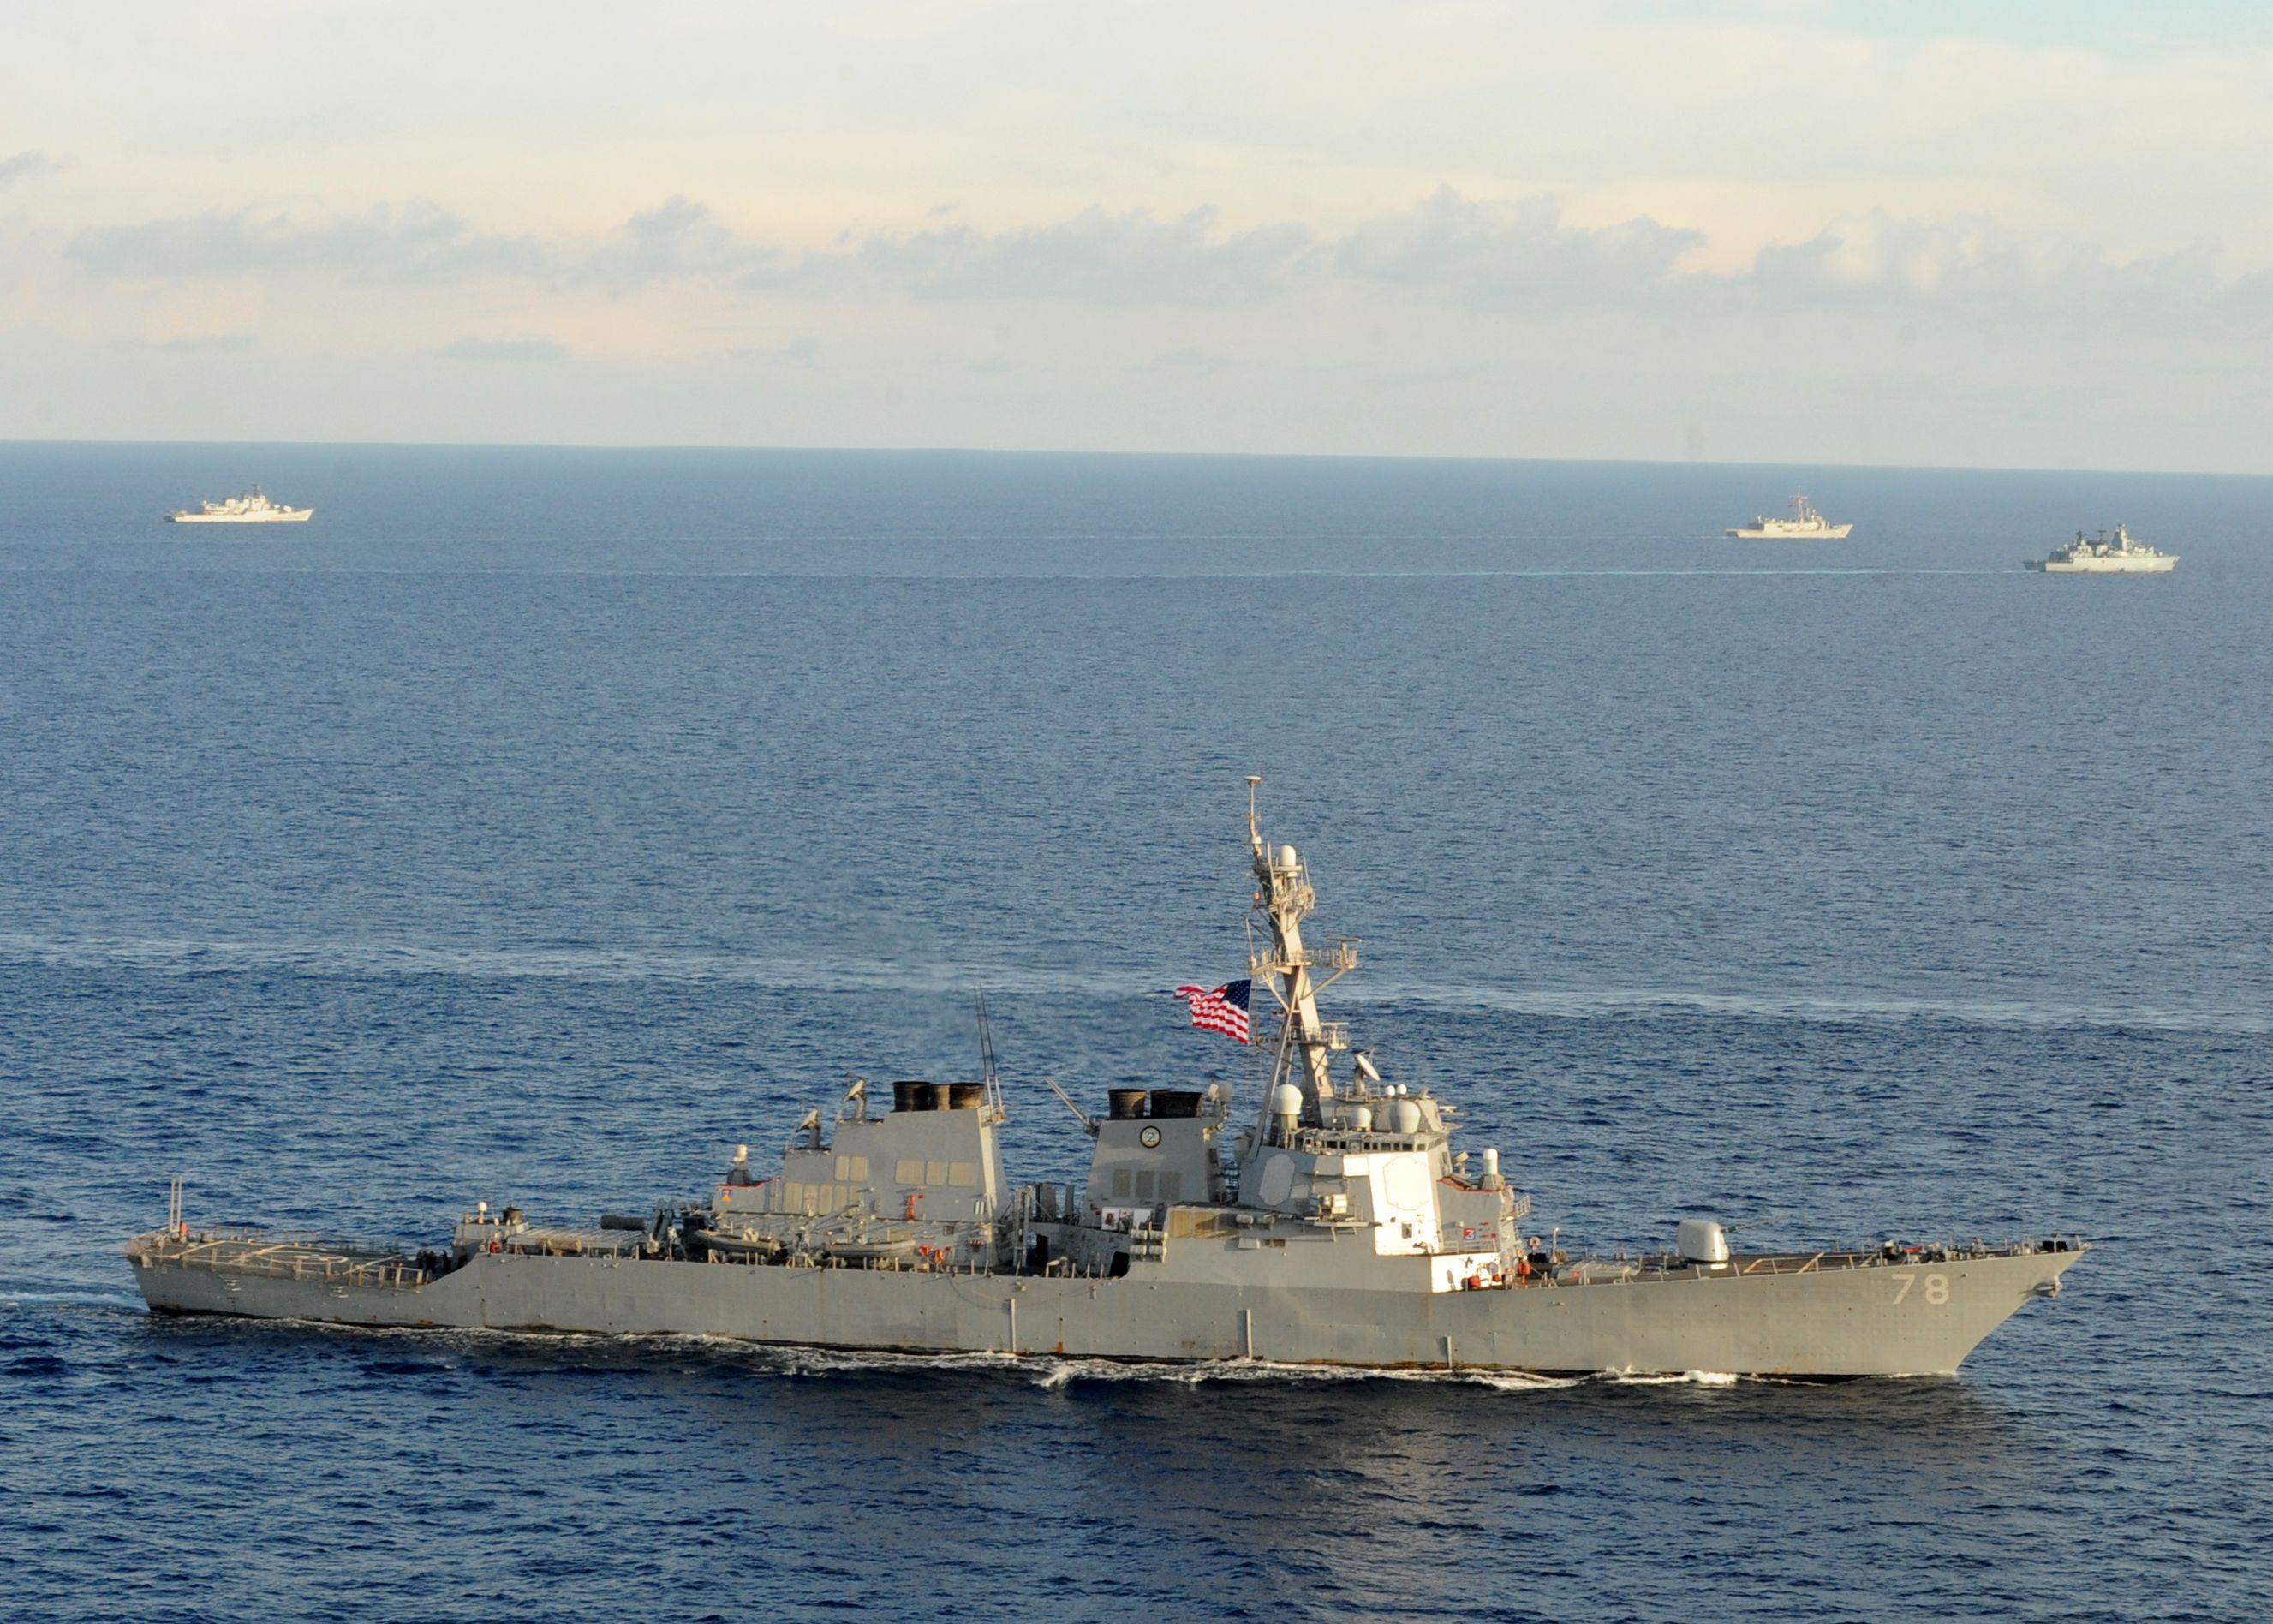 Uss Porter Ddg 78 Navy Day United States Navy Battleship